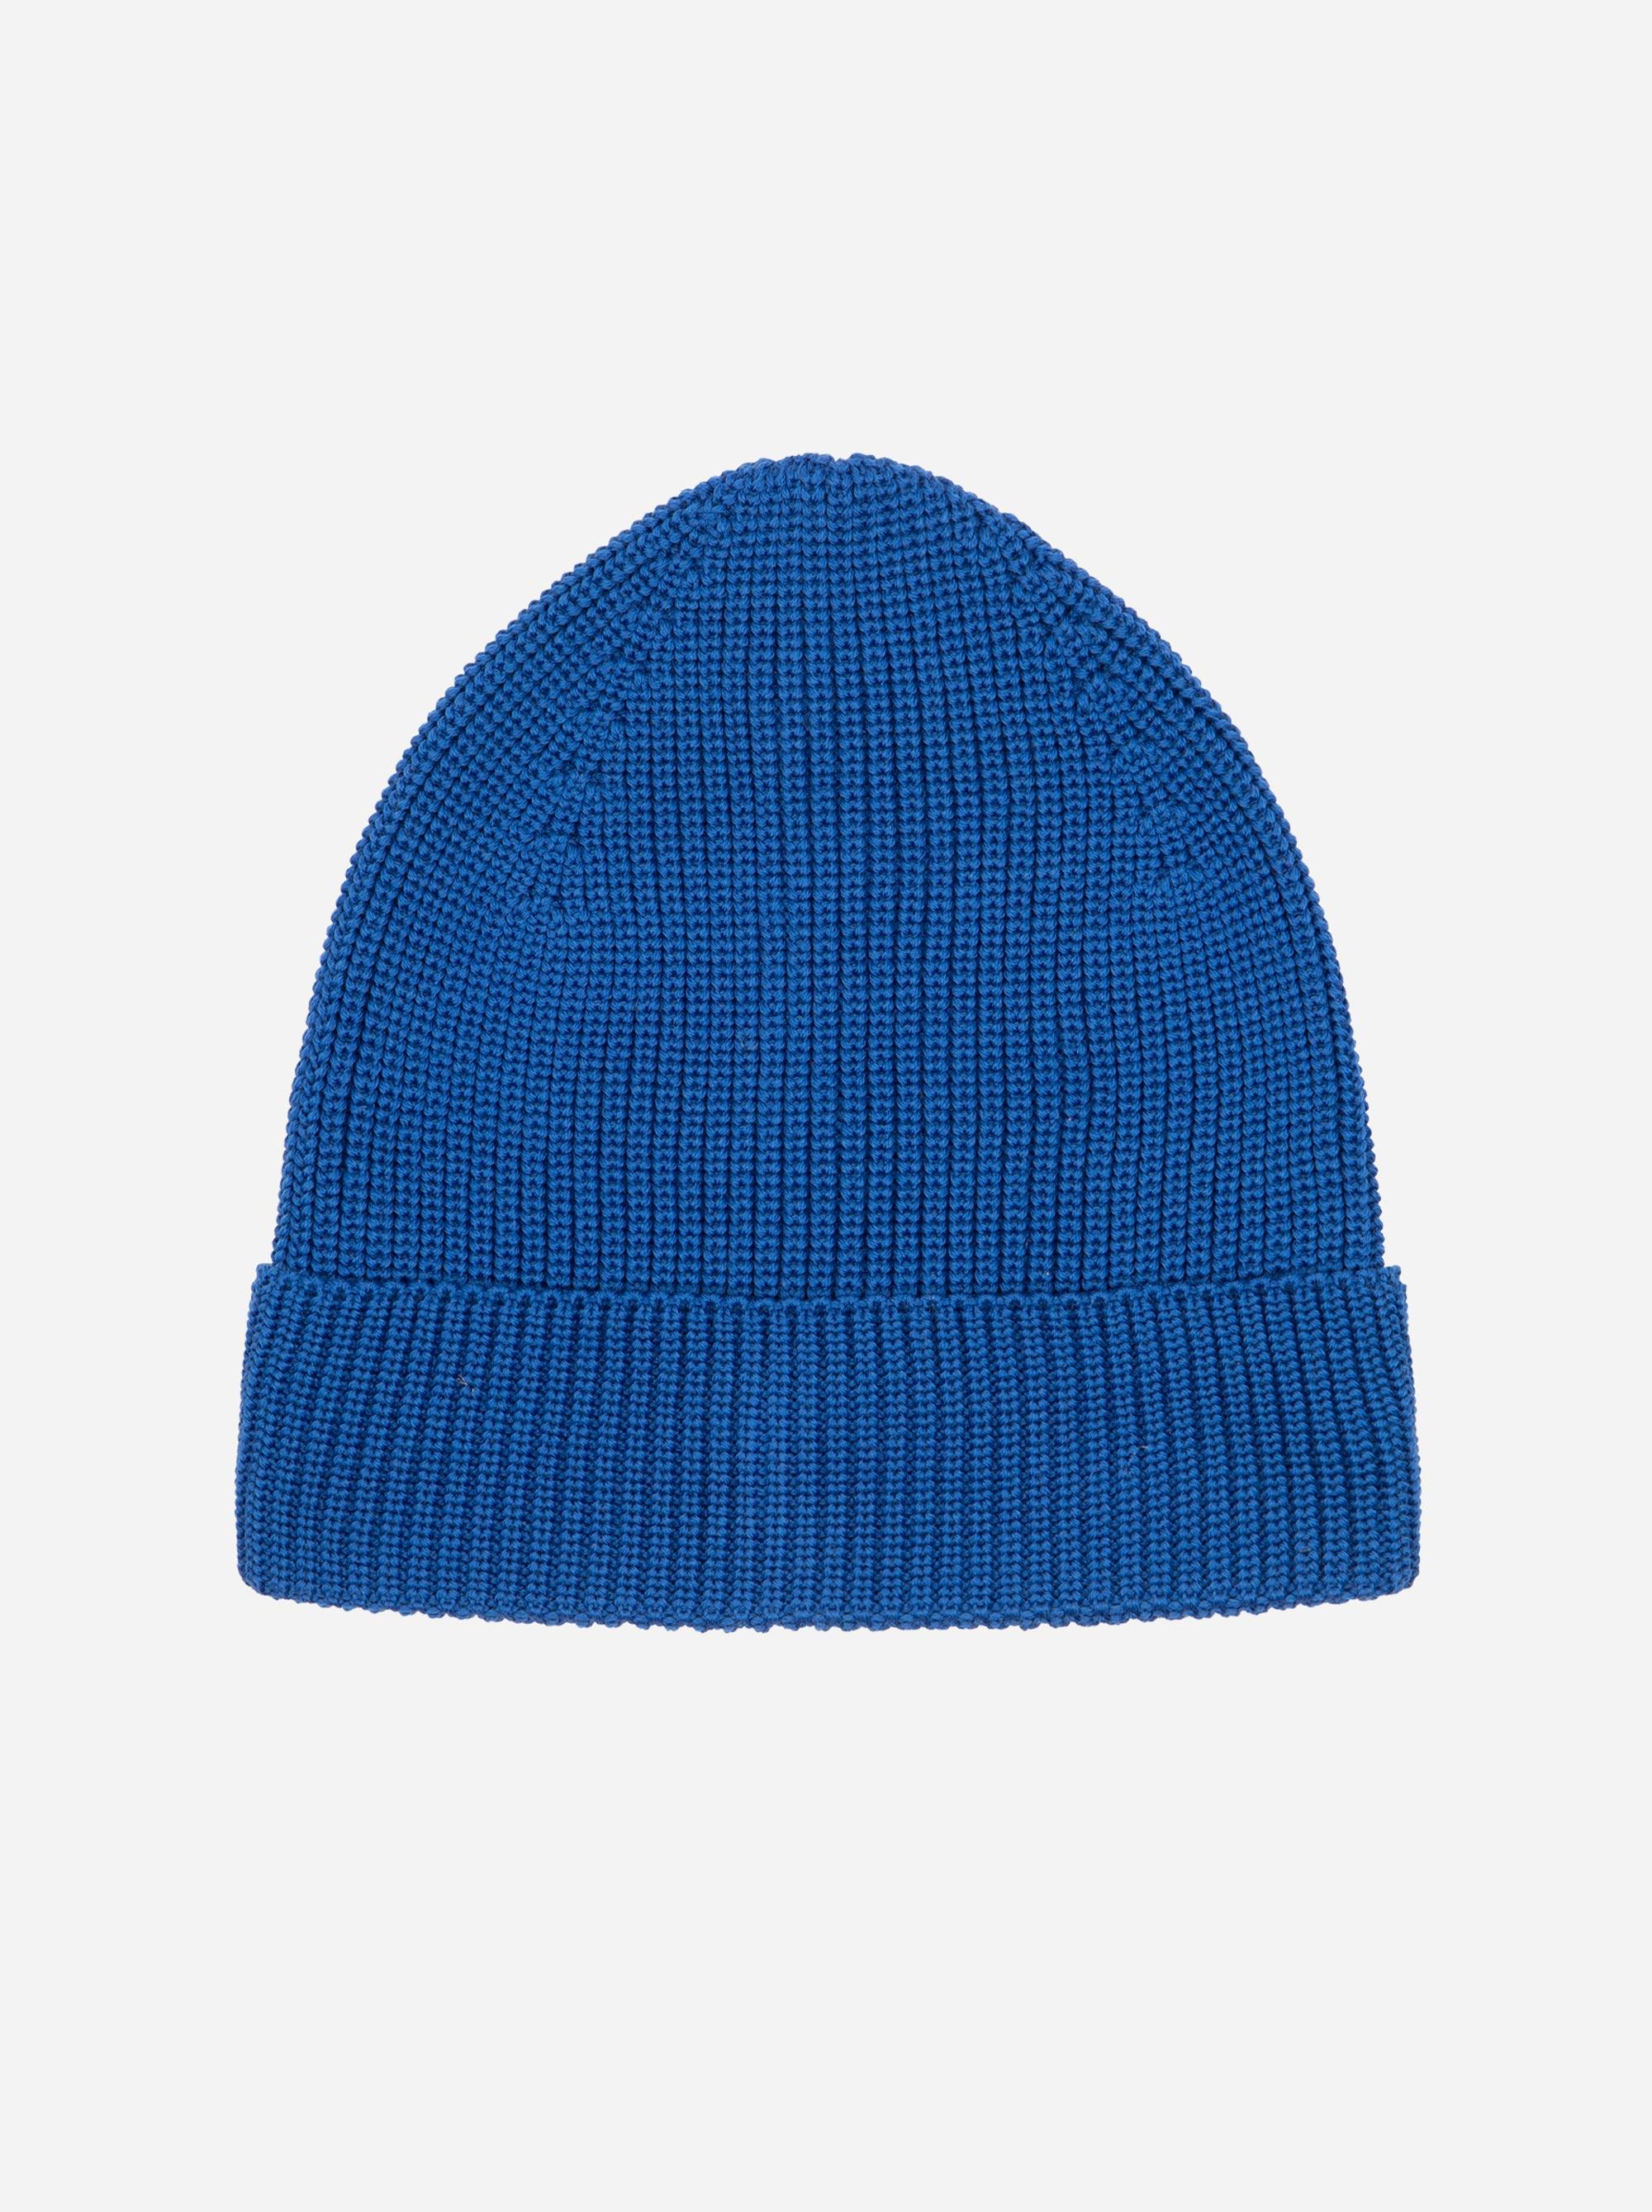 Teym - The Beanie - Cobalt blue